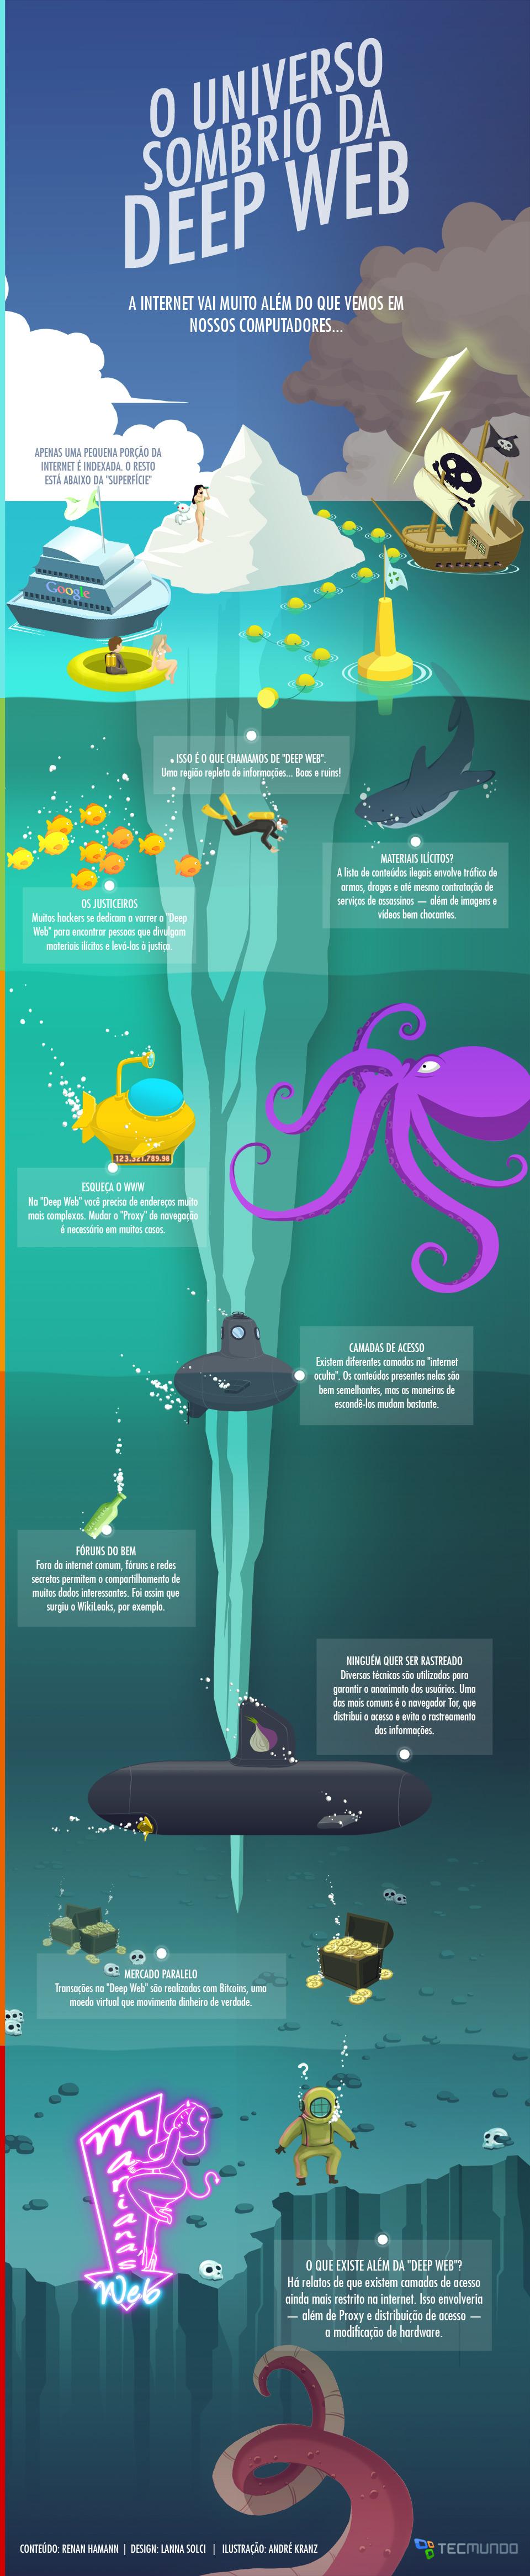 Por dentro do universo sombrio da Deep Web [infográfico]